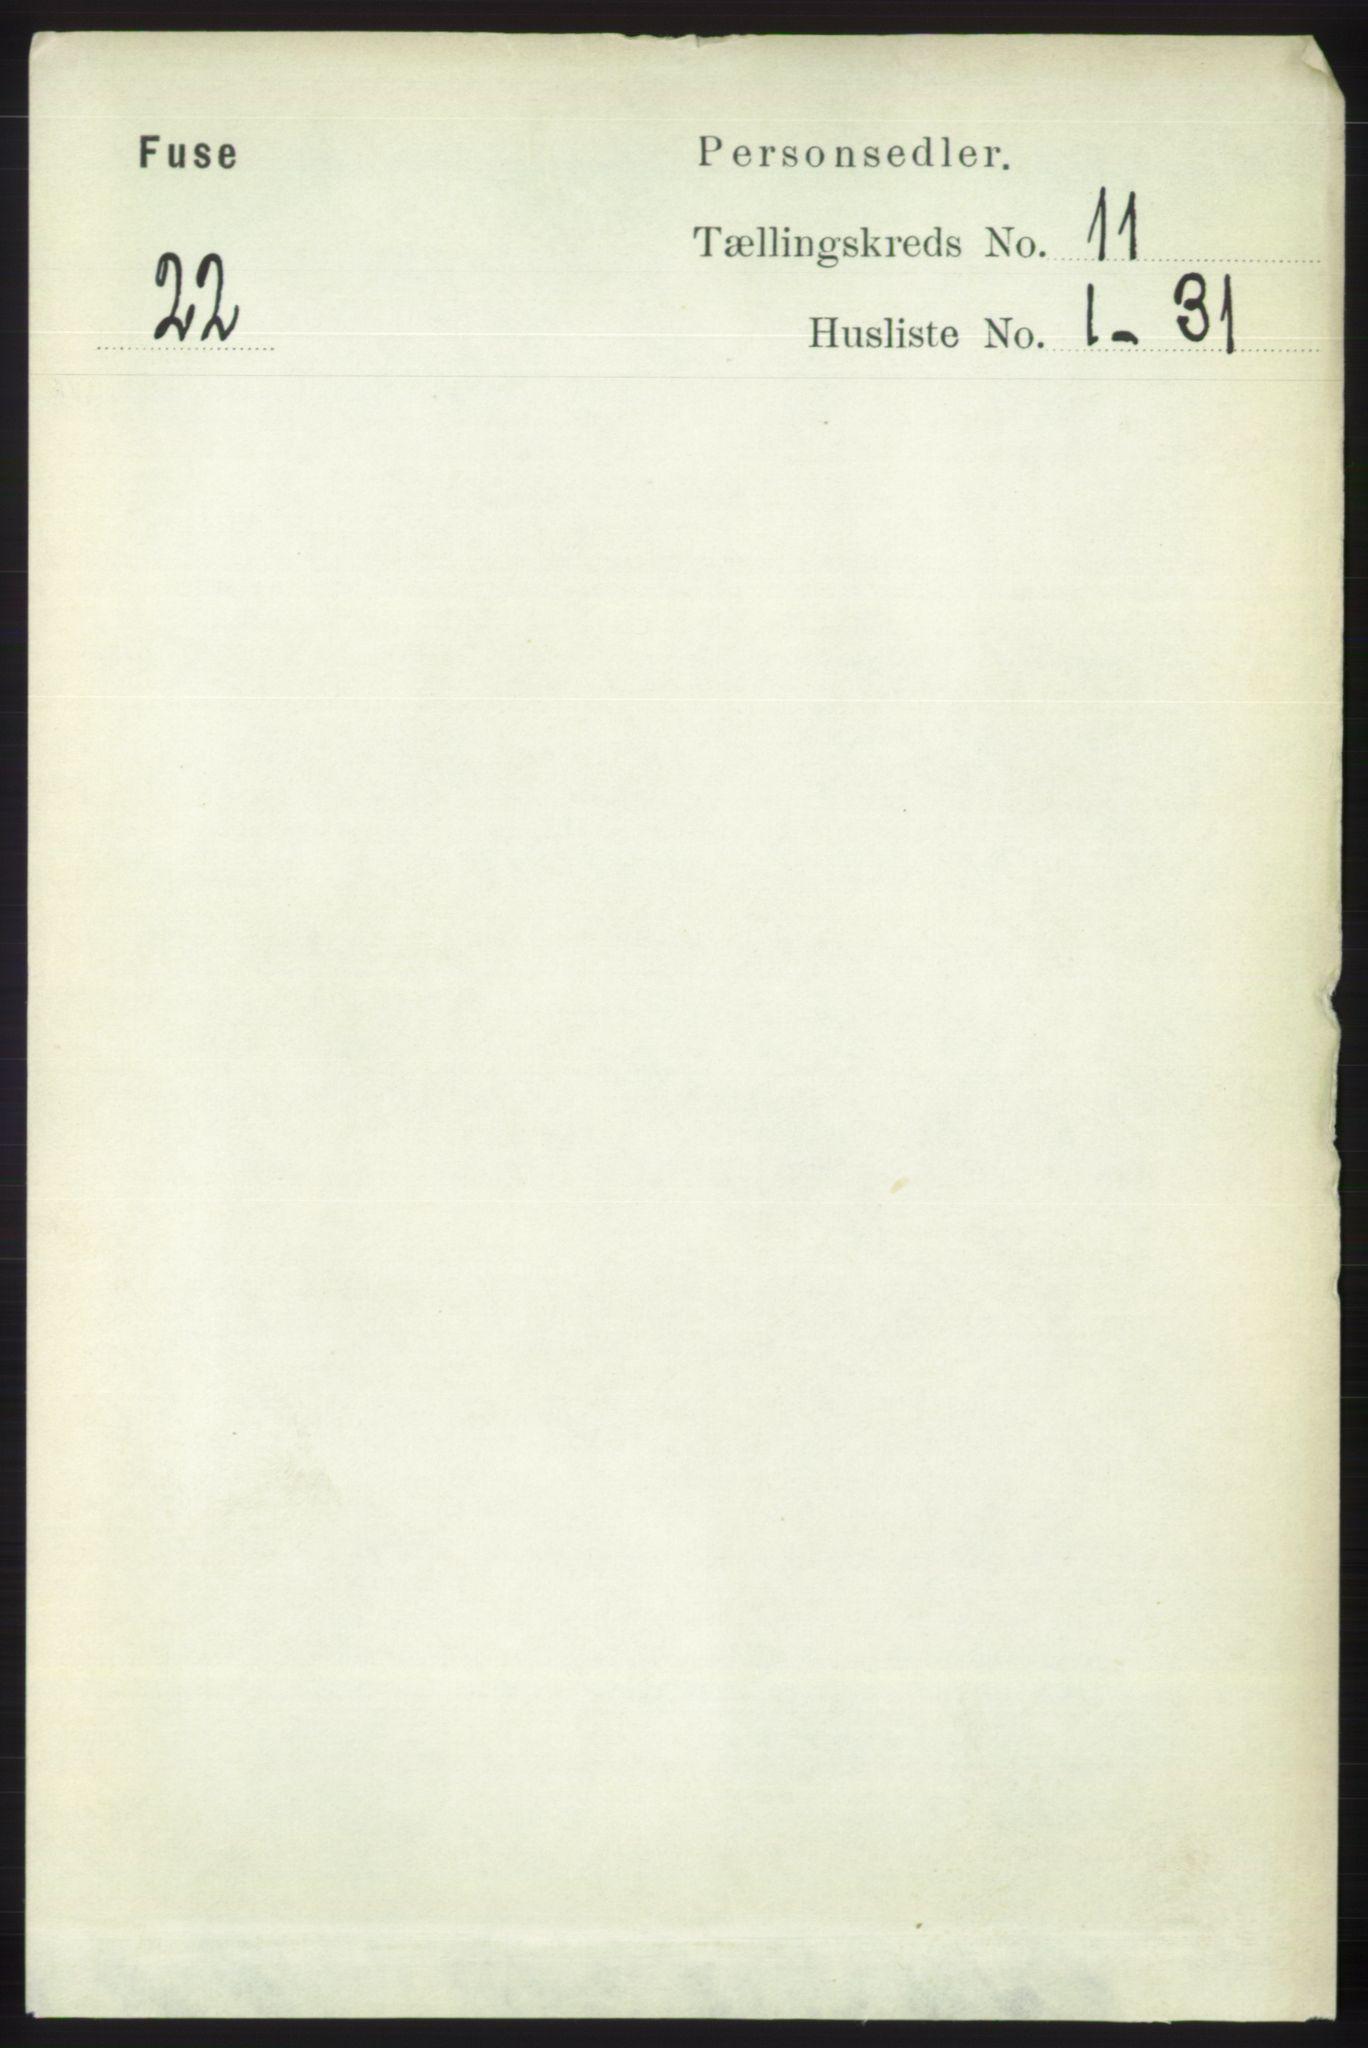 RA, Folketelling 1891 for 1241 Fusa herred, 1891, s. 2117